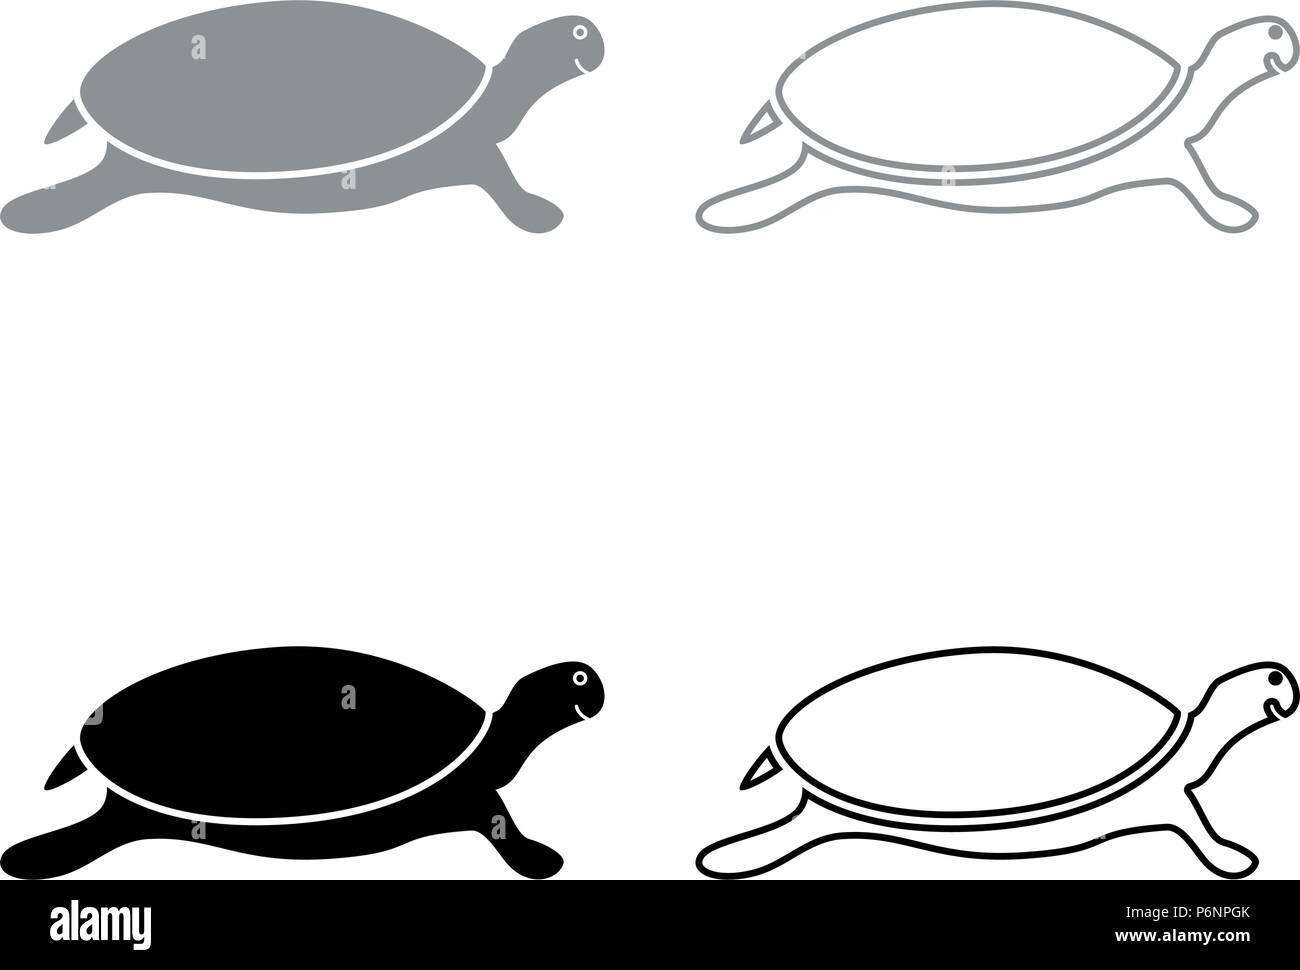 Tortuga tortuga conjunto de iconos ilustración en color negro gris ...